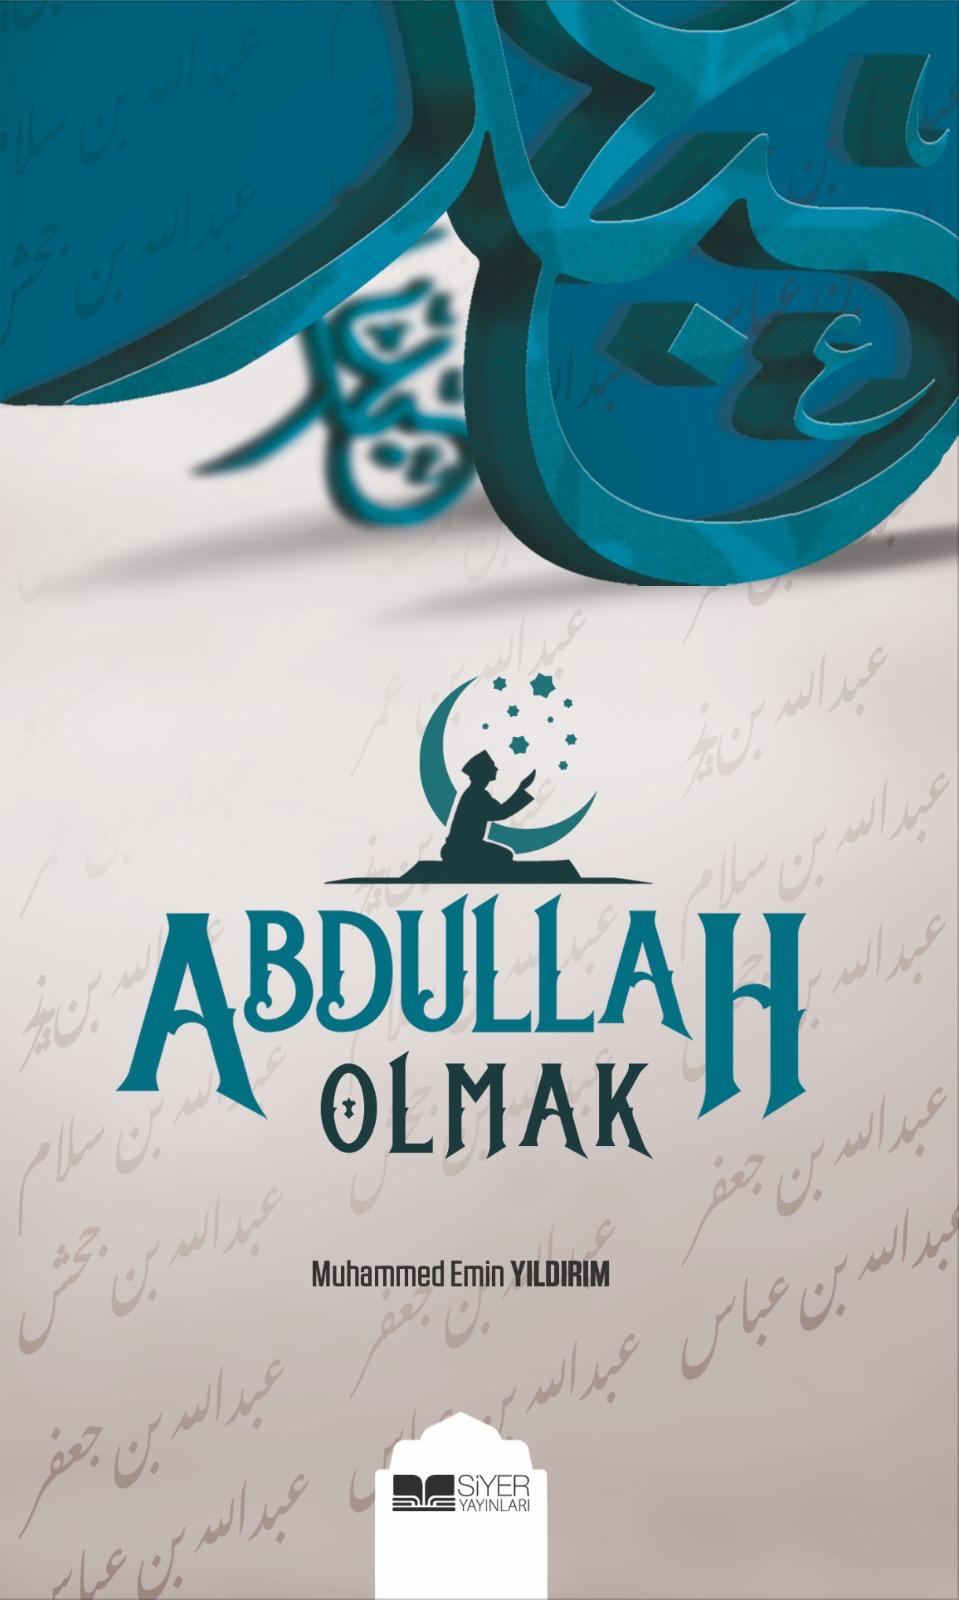 ABDULLAH OLMAK